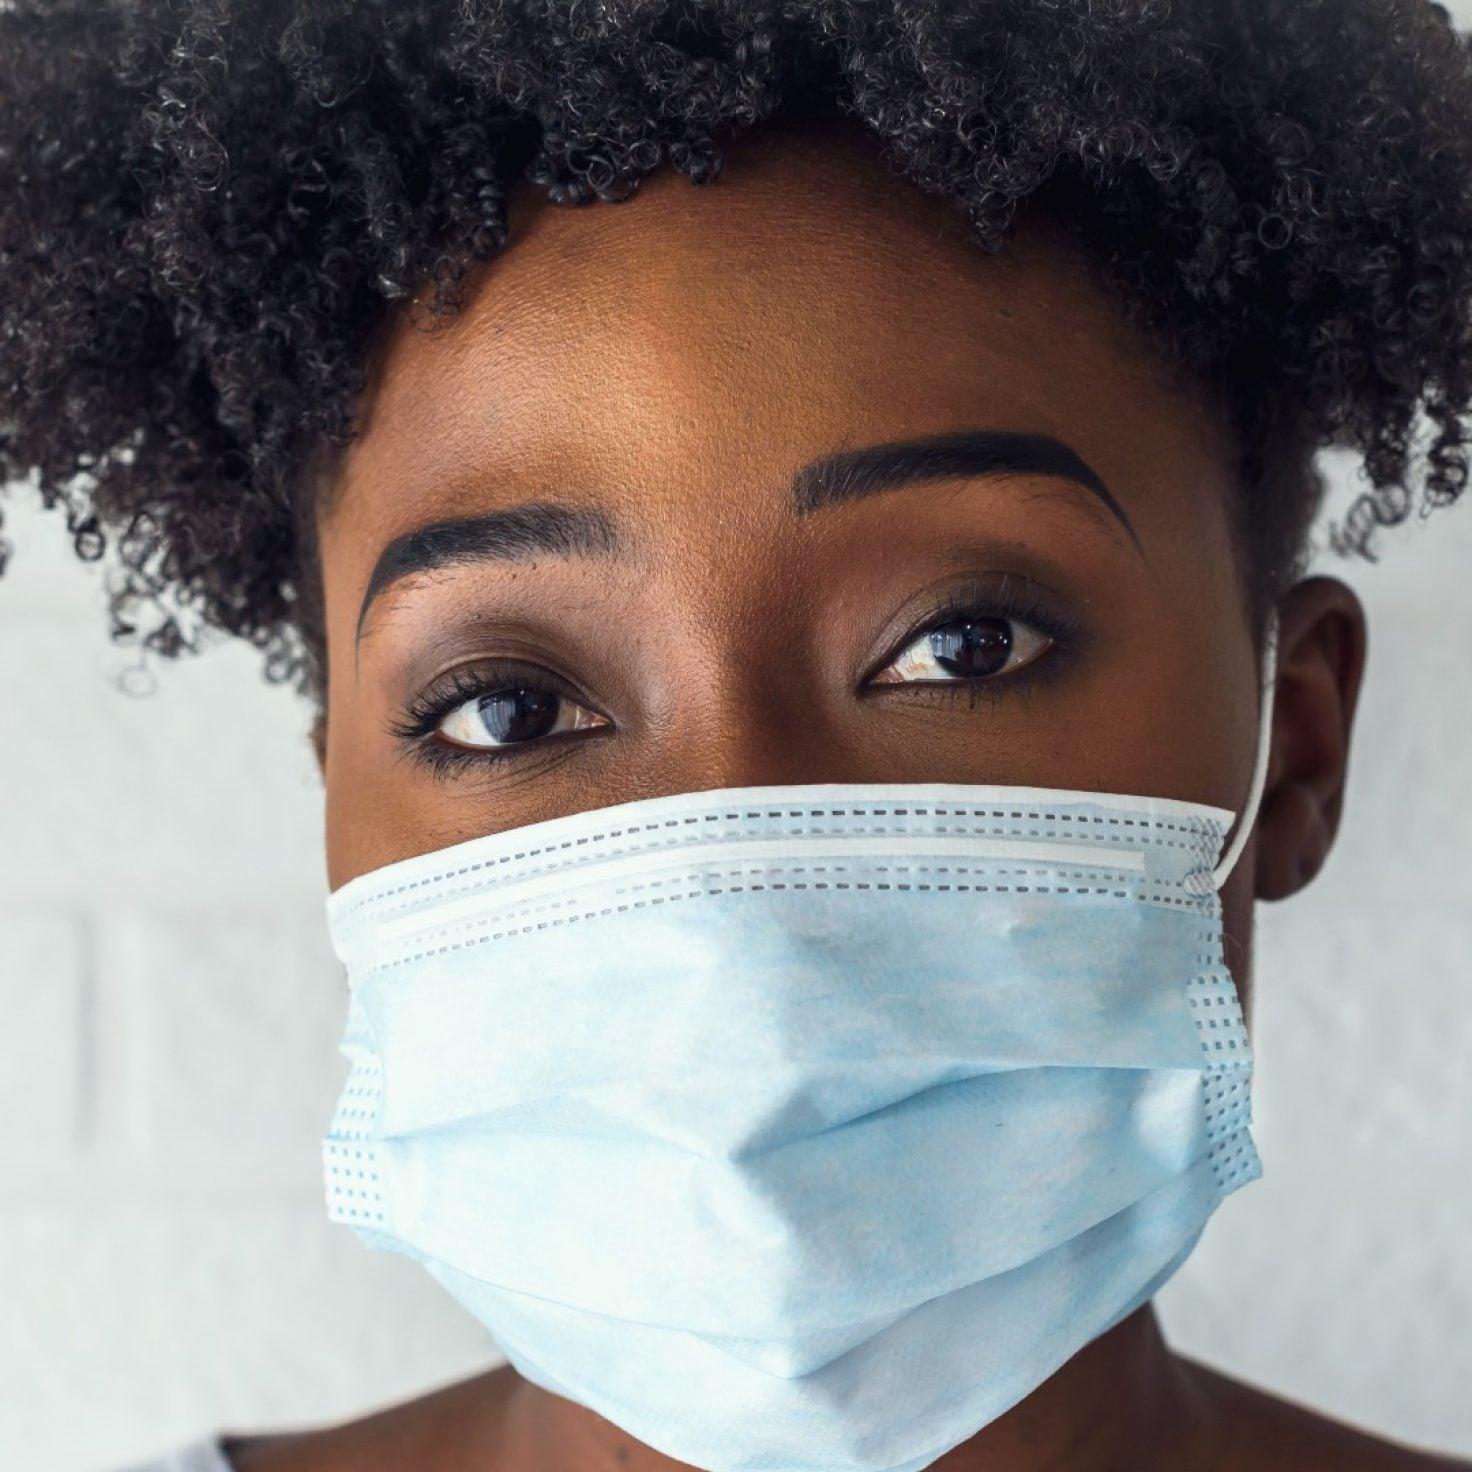 Coronavirus: Everything You Need to Know